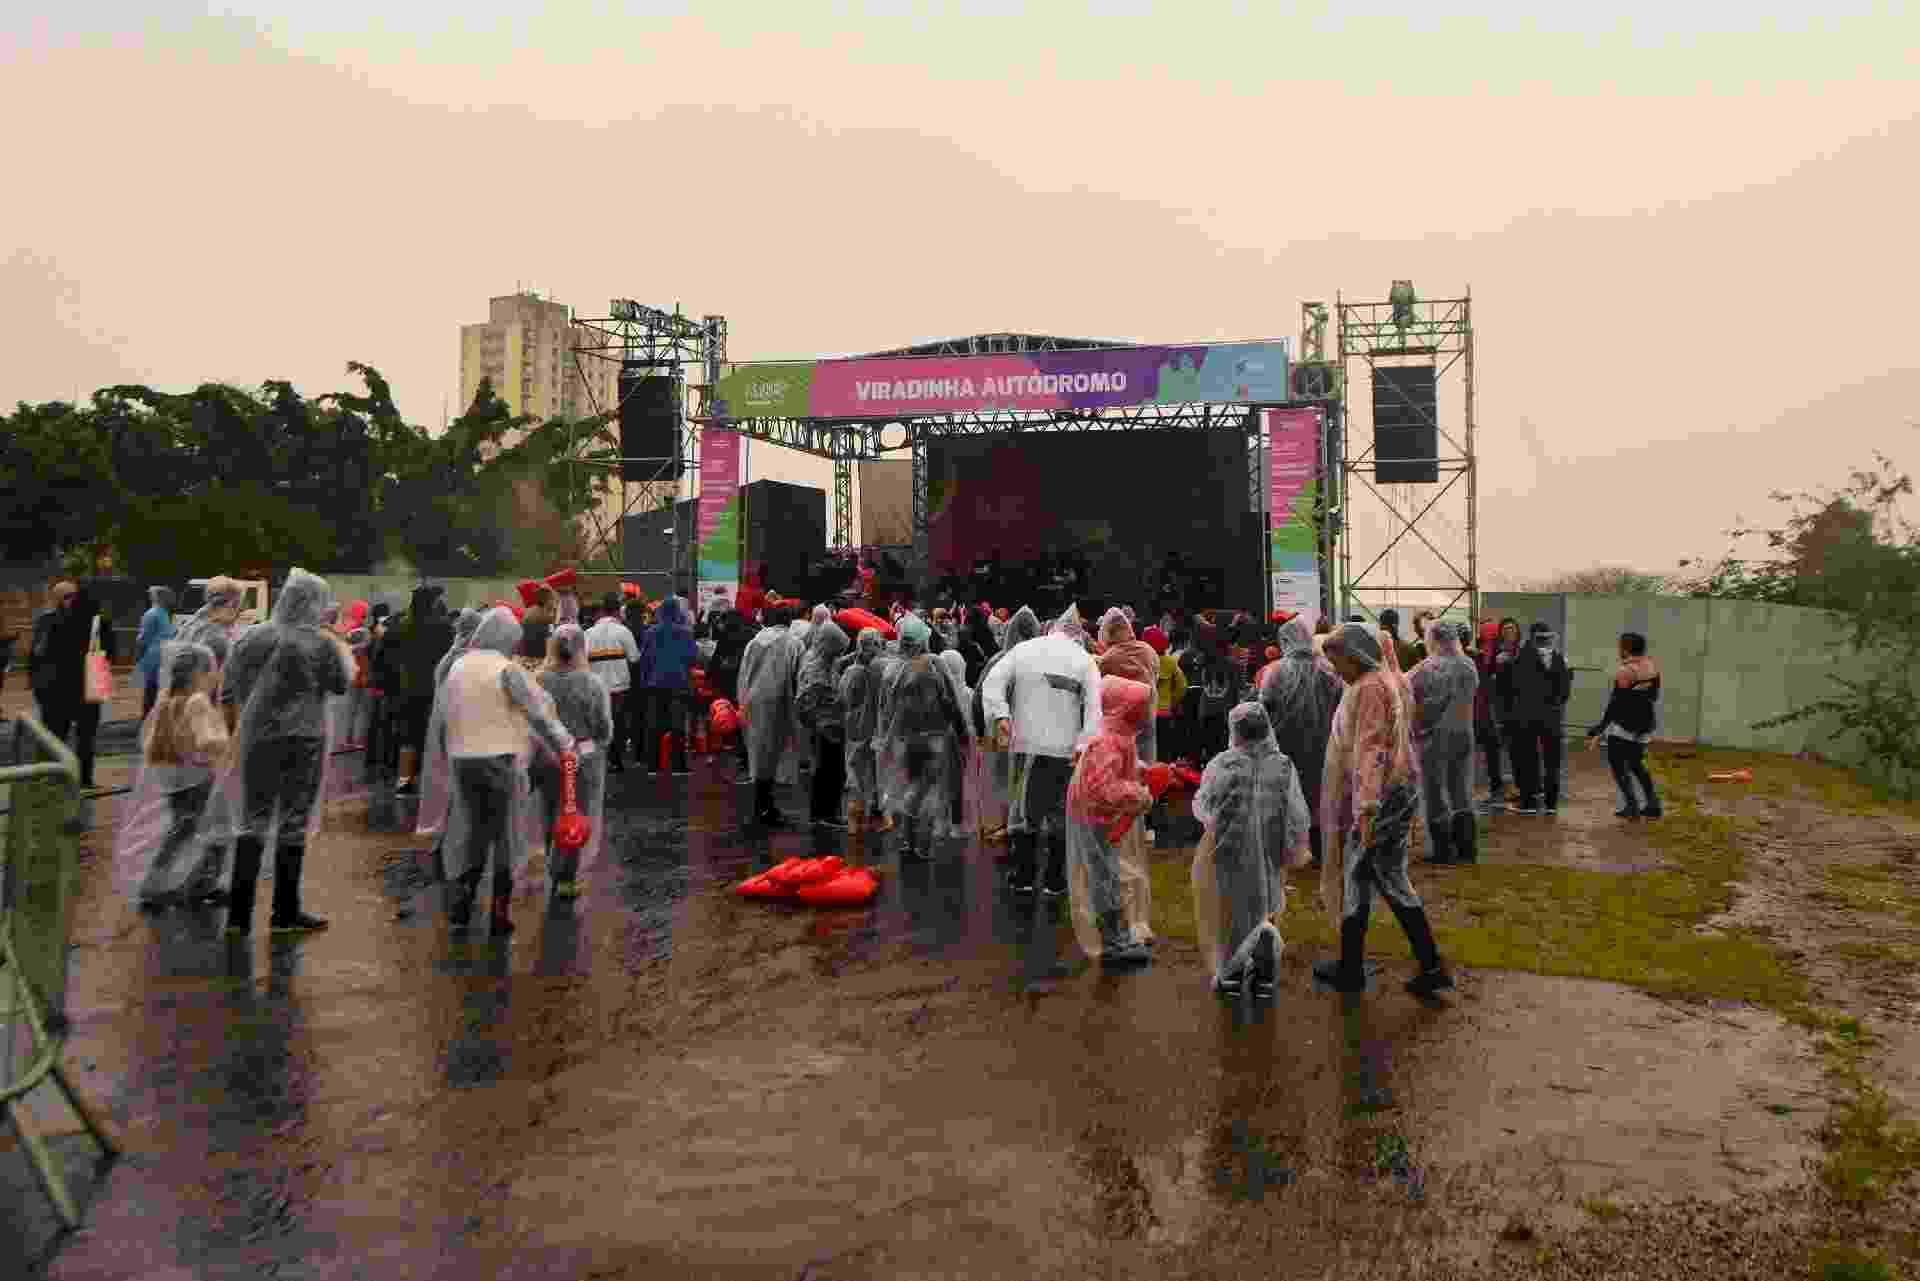 Sob chuva, MC Gui se apresenta para baixo público na Virada Cultural, no palco do autódromo de Interlagos - Flavio Moraes/UOL